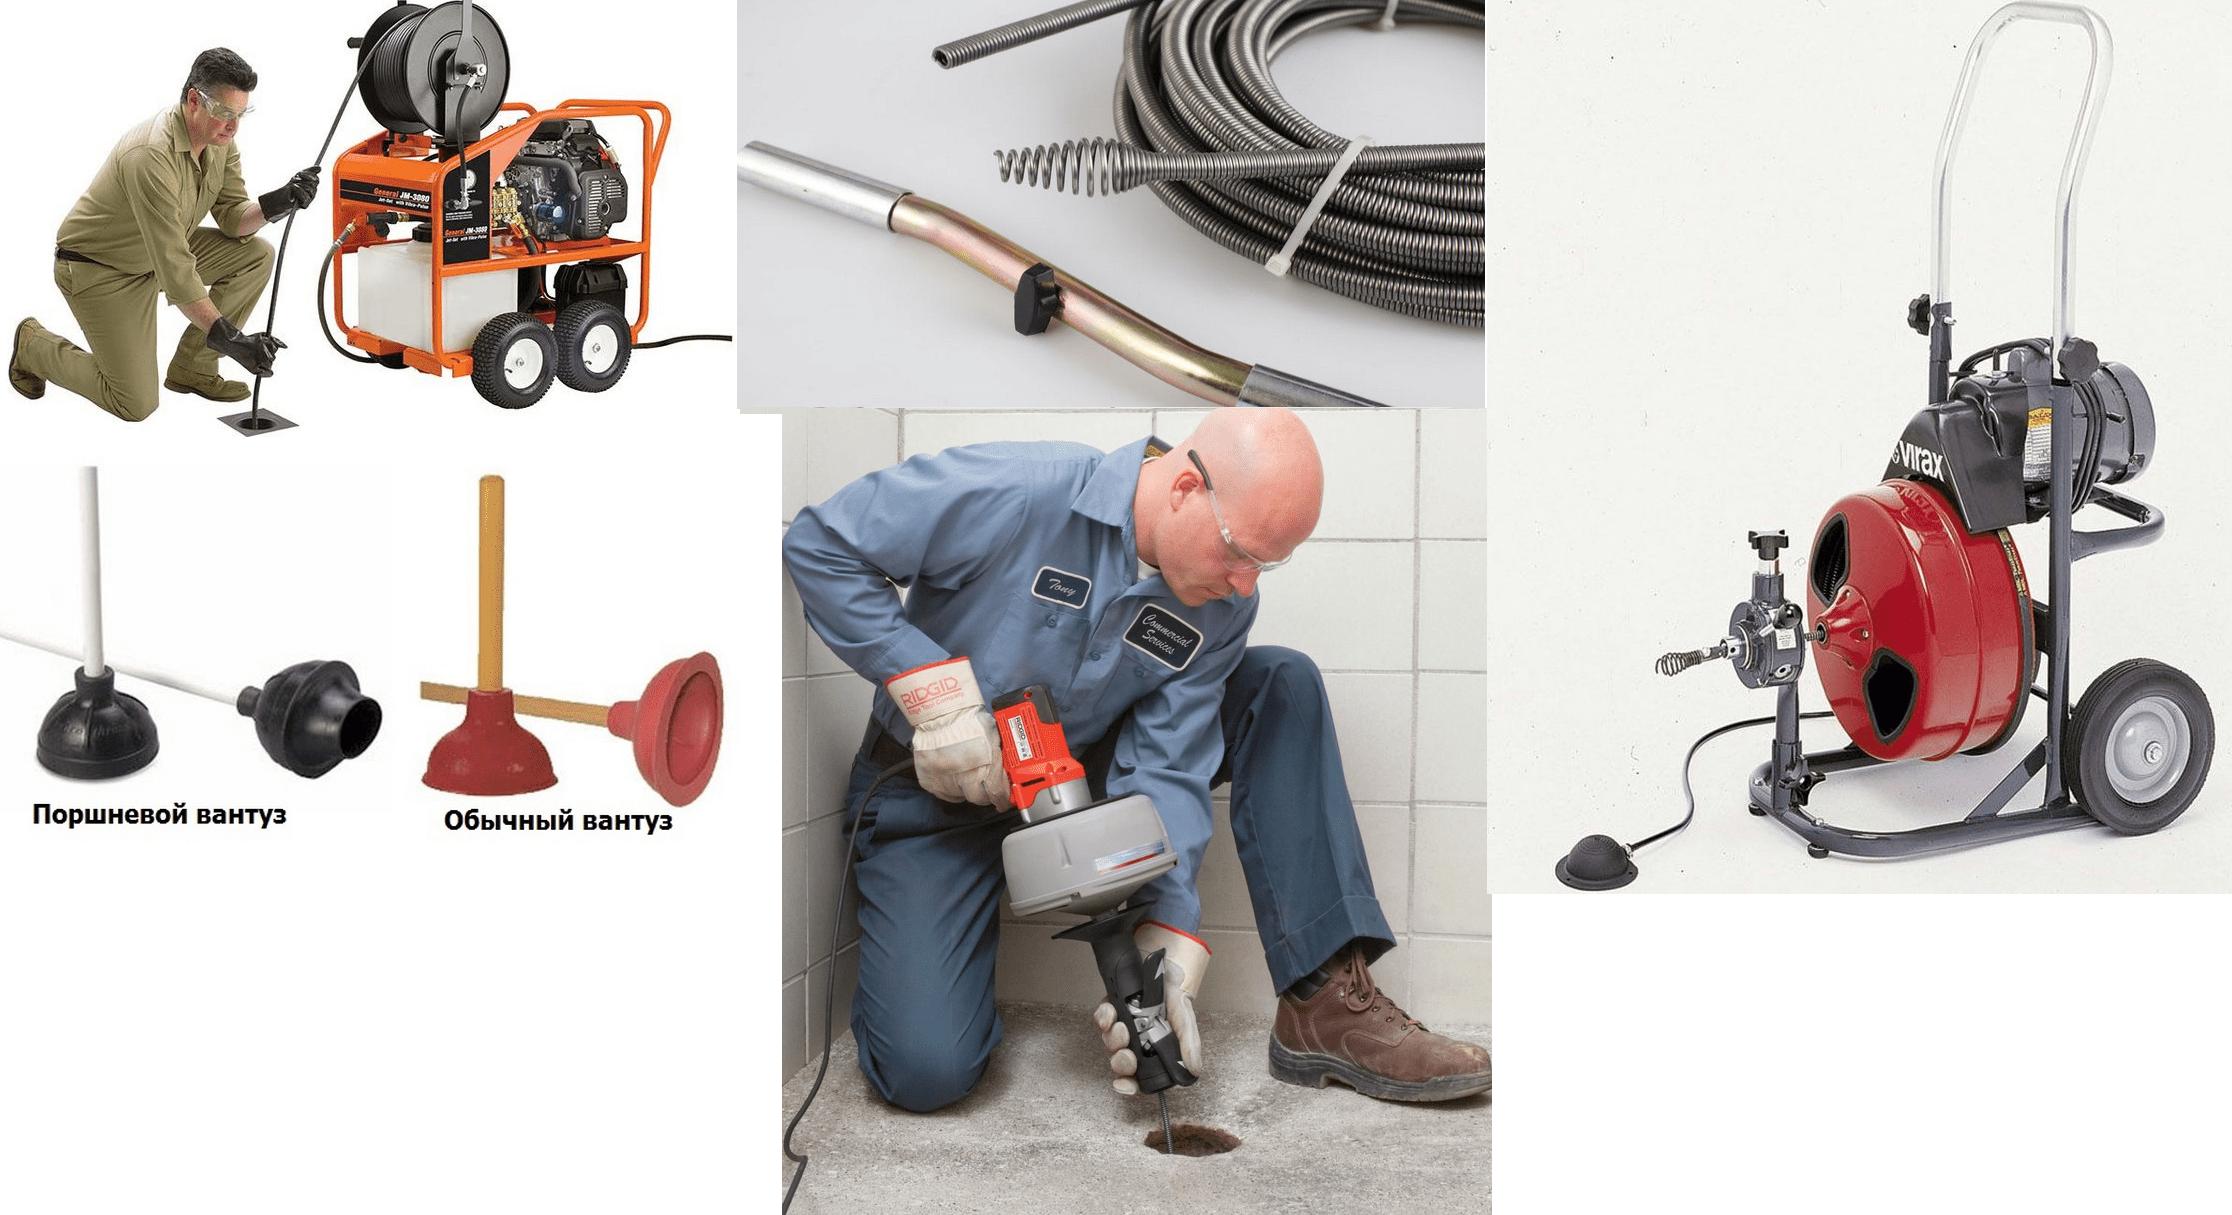 Оборудование для прочистки канализации